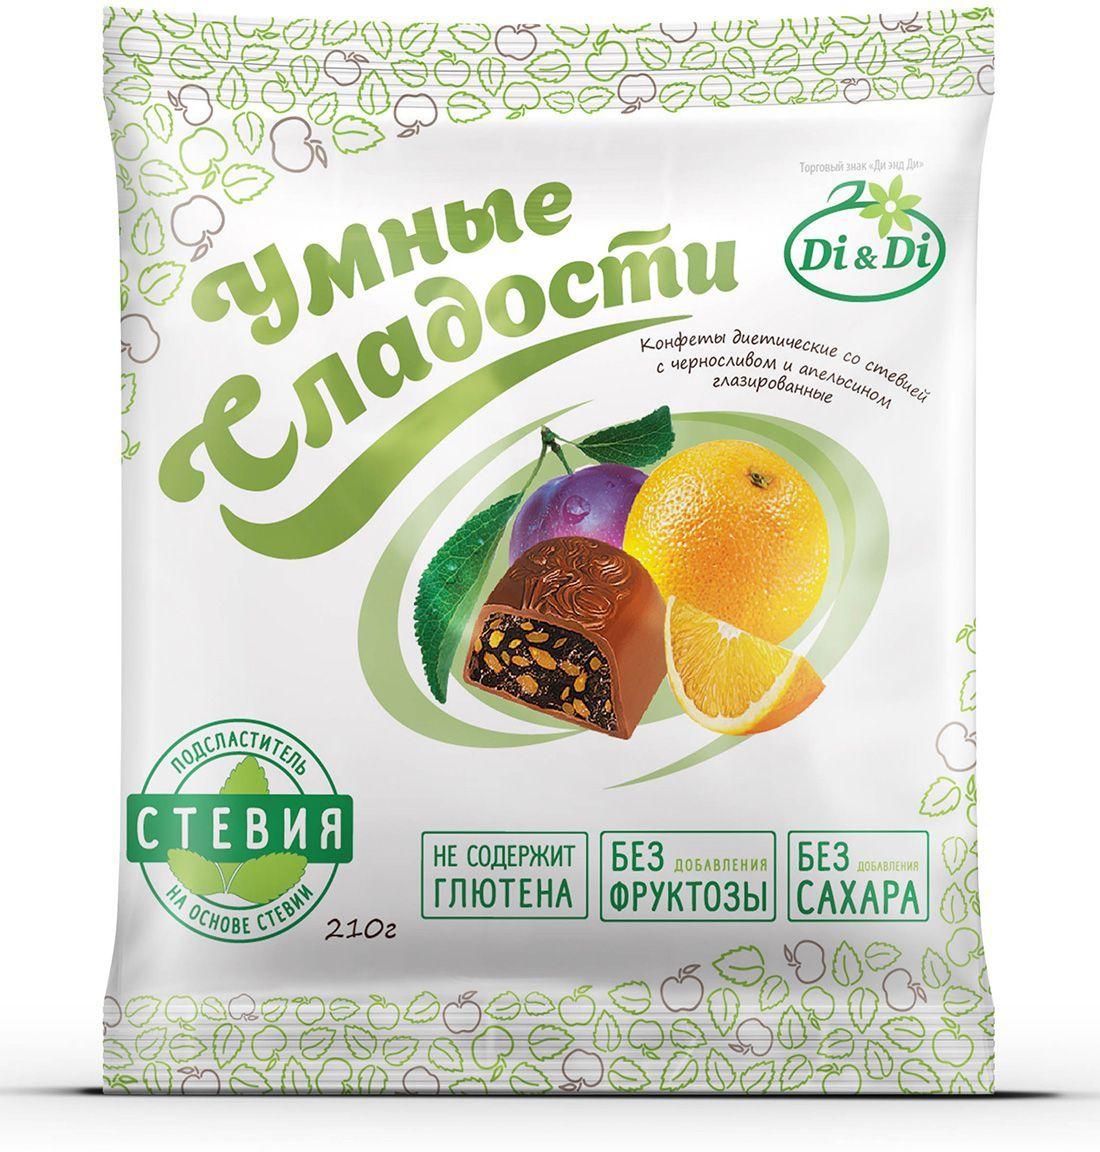 Умные сладости конфеты Чернослив с апельсином глазированные, 210 г0120710Конфеты со стевией Умные сладости с черносливом и апельсином глазированные. Продукт обладает высокой питательной ценностью, не содержит глютена, предназначен для всех категорий населения. Внимание! Содержит подсластители. При чрезмерном употреблении может оказывать слабительное действие. Уважаемые клиенты! Обращаем ваше внимание, что полный перечень состава продукта представлен на дополнительном изображении.